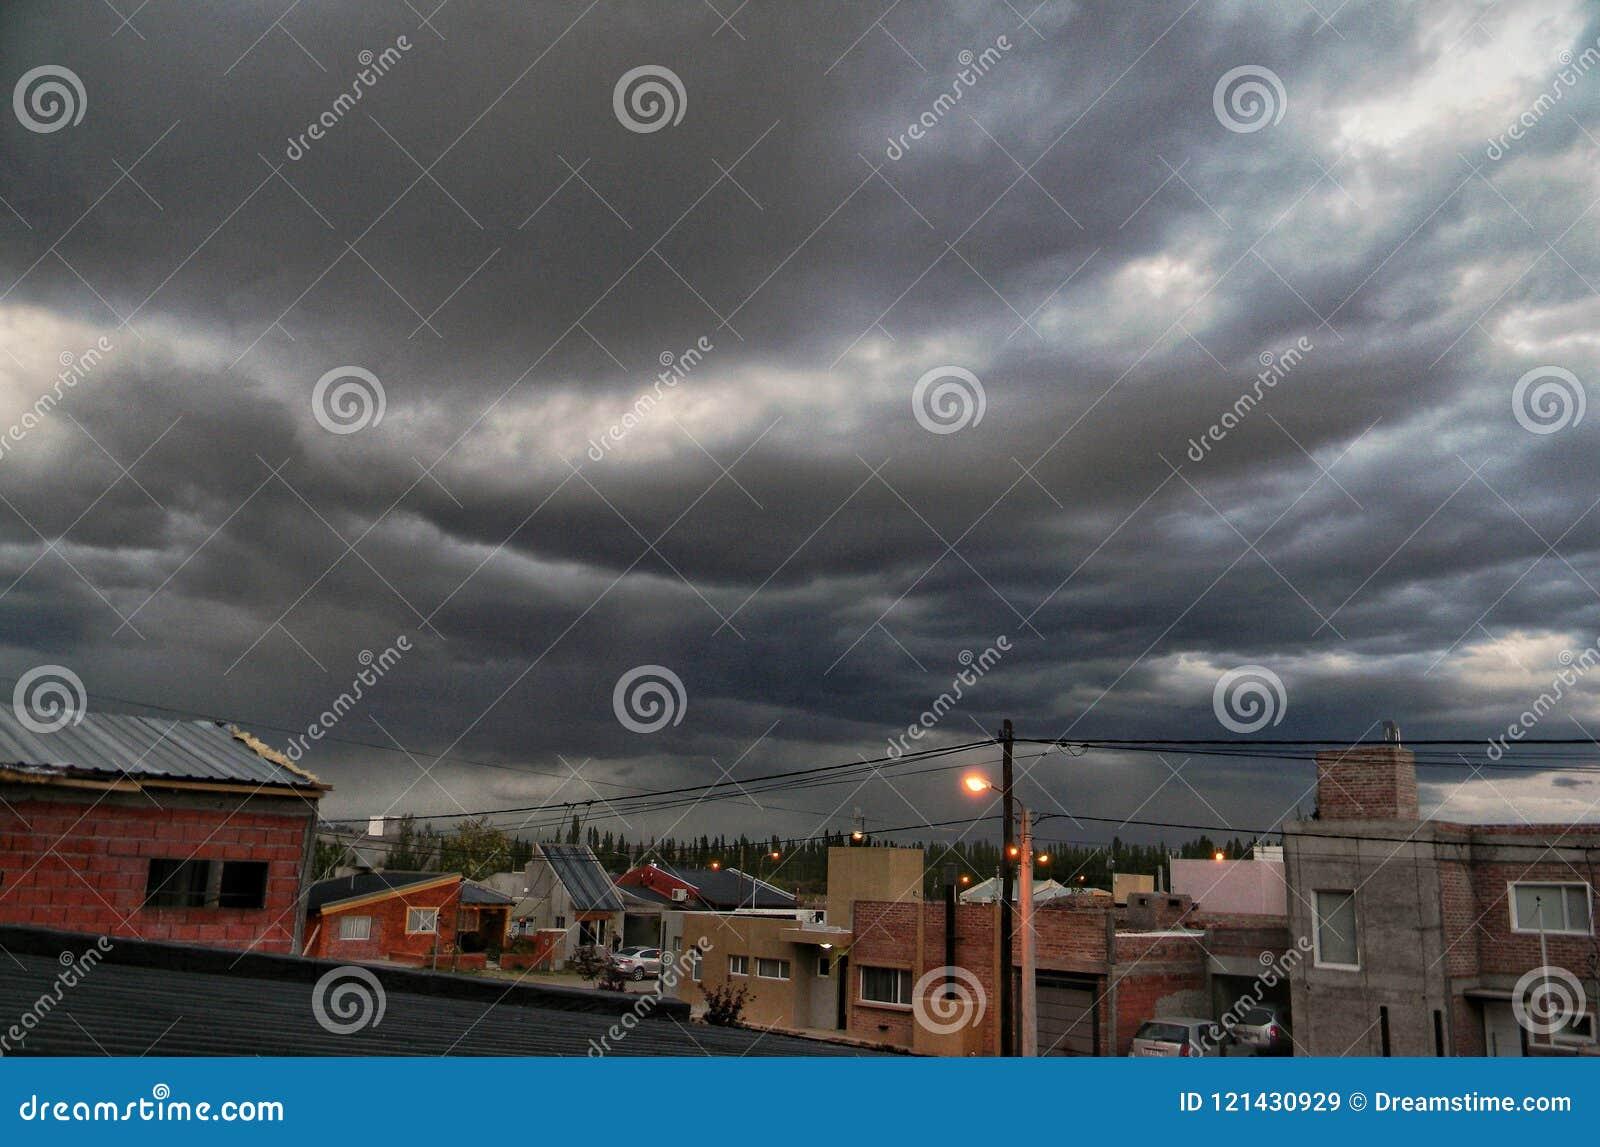 Des jours nuageux pourriez-vous être étonnant, convenez-vous ?